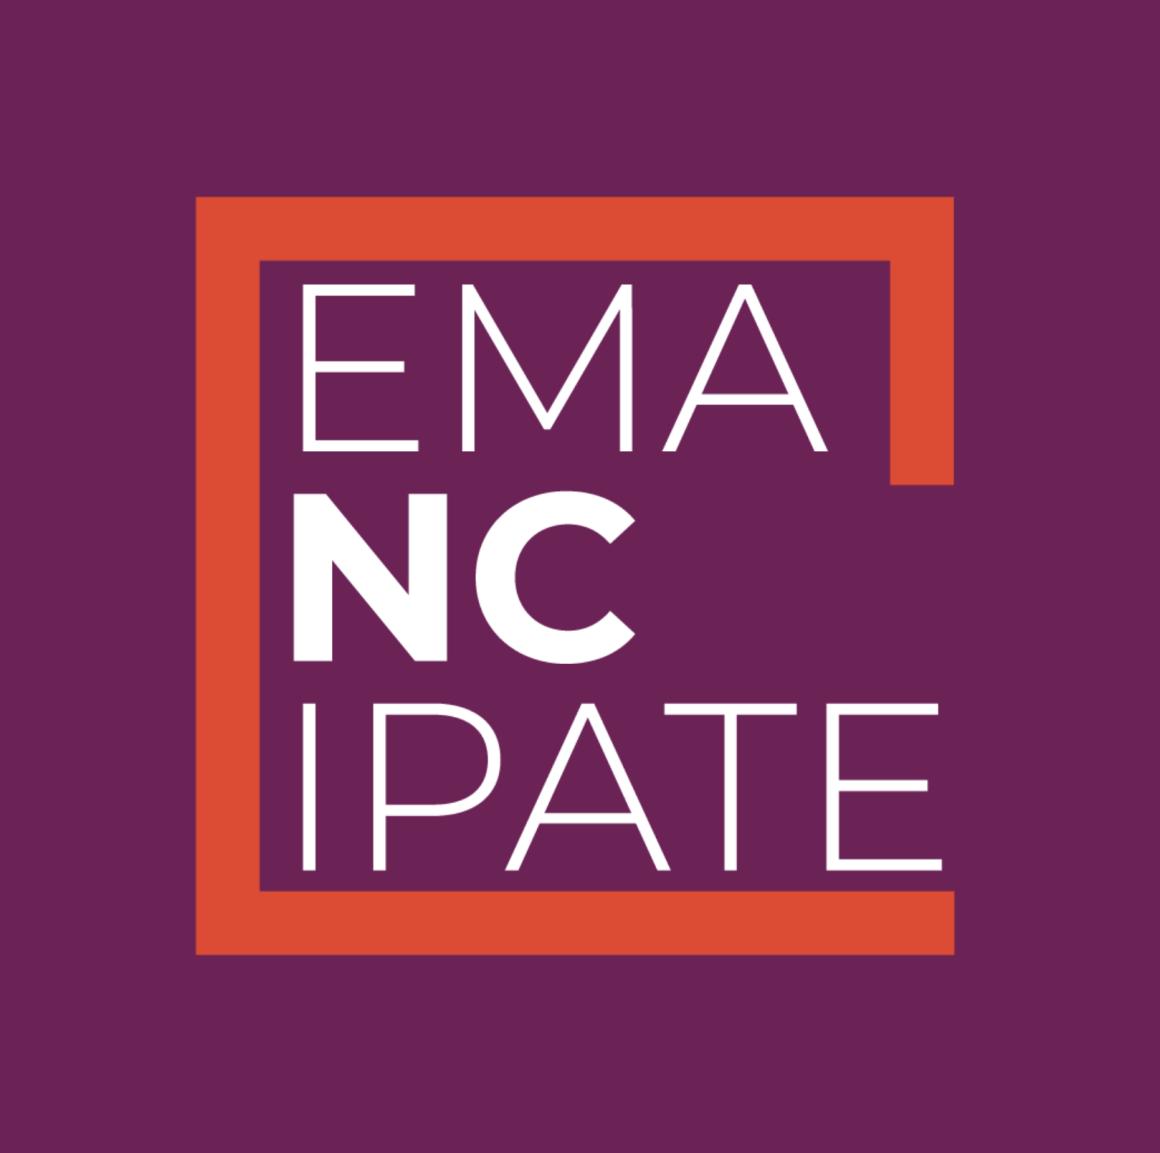 Emancipate NC